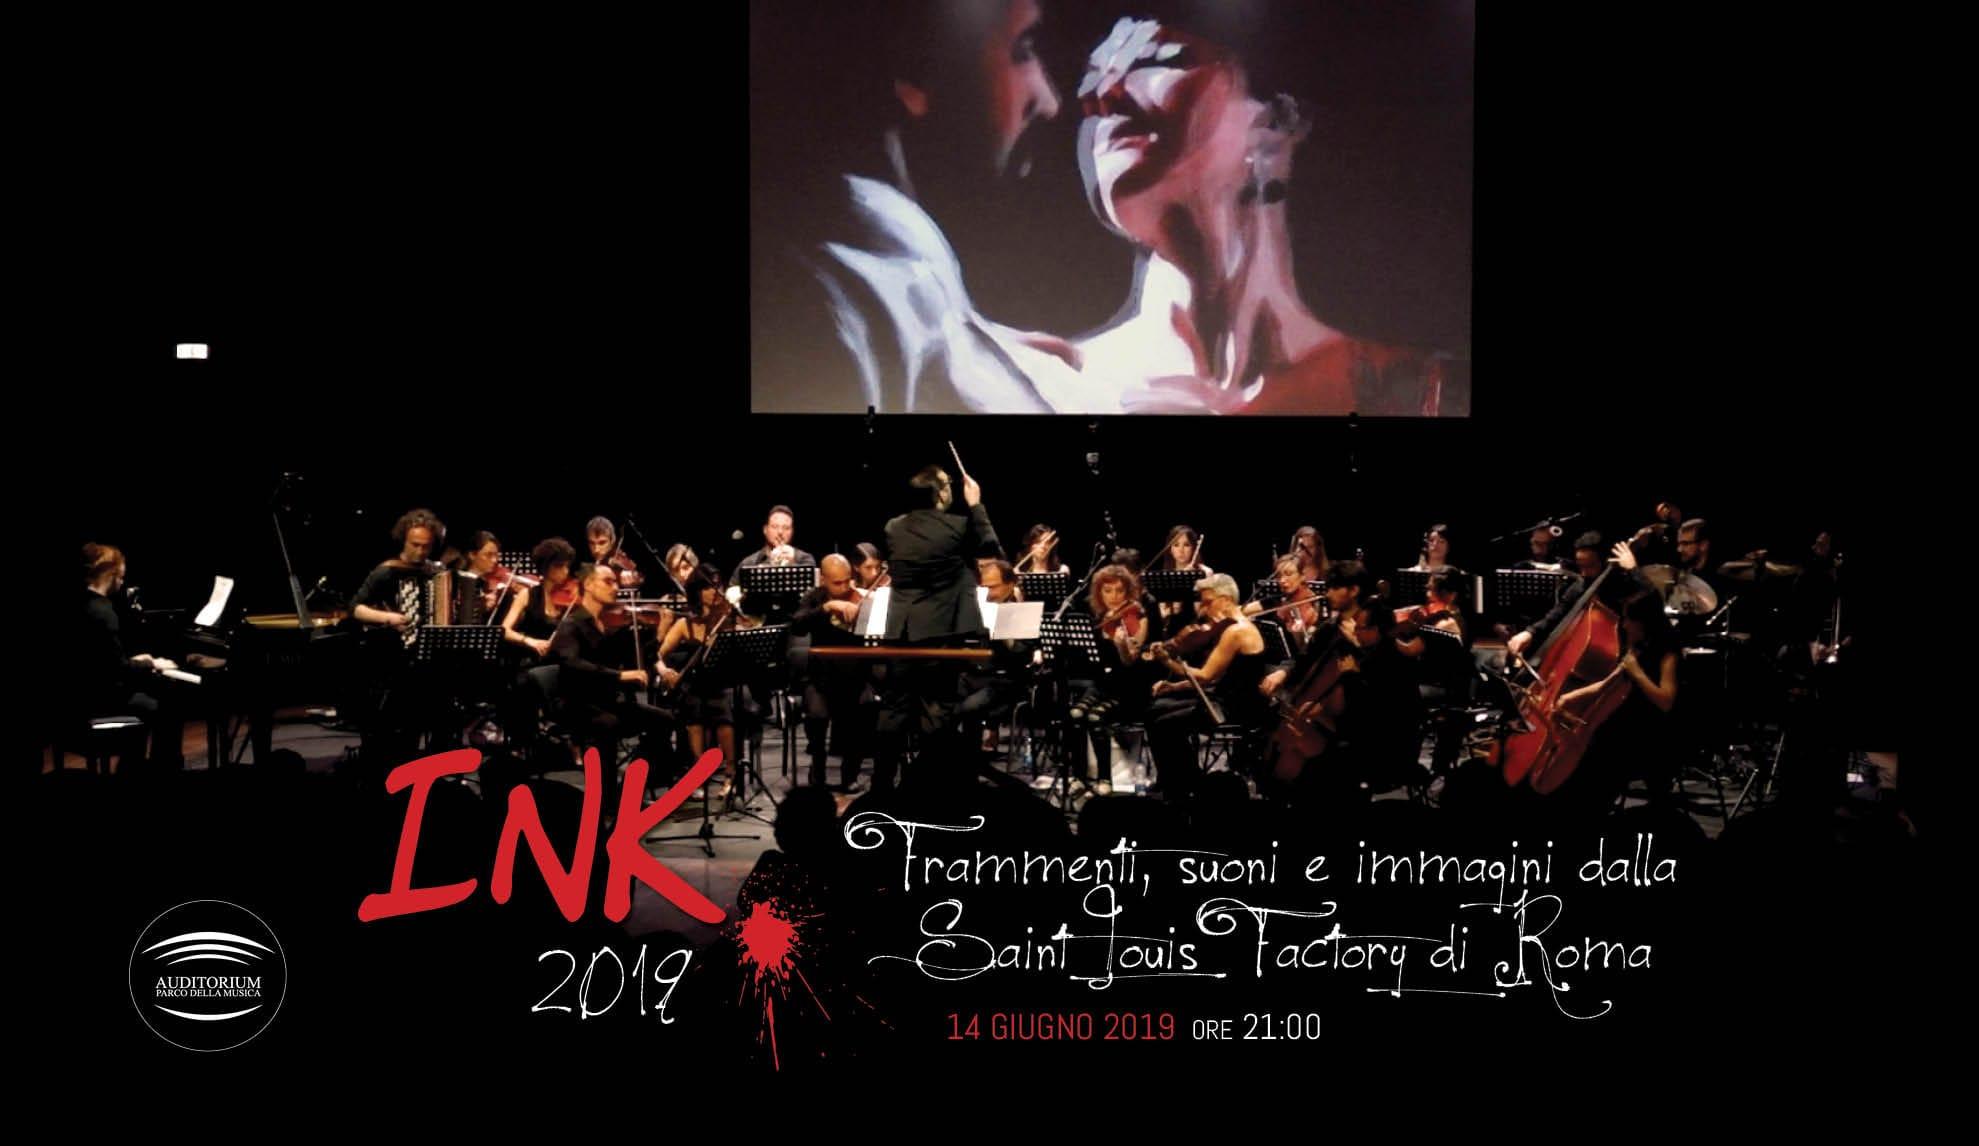 concerto-per-orchestra-darchi